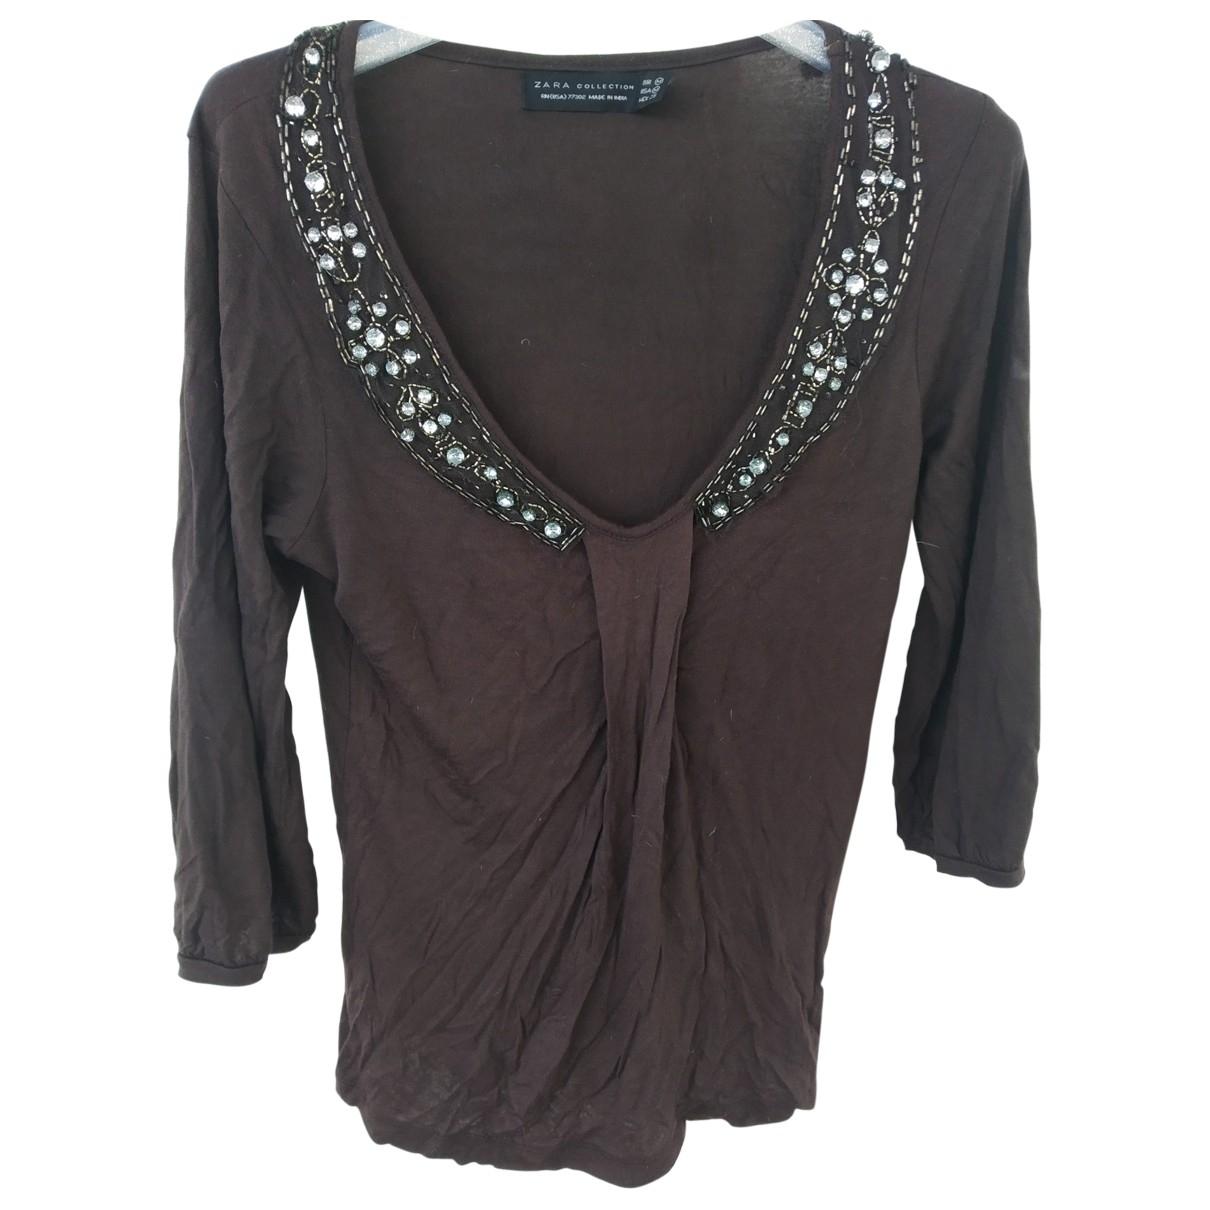 Zara - Top   pour femme en a paillettes - marron